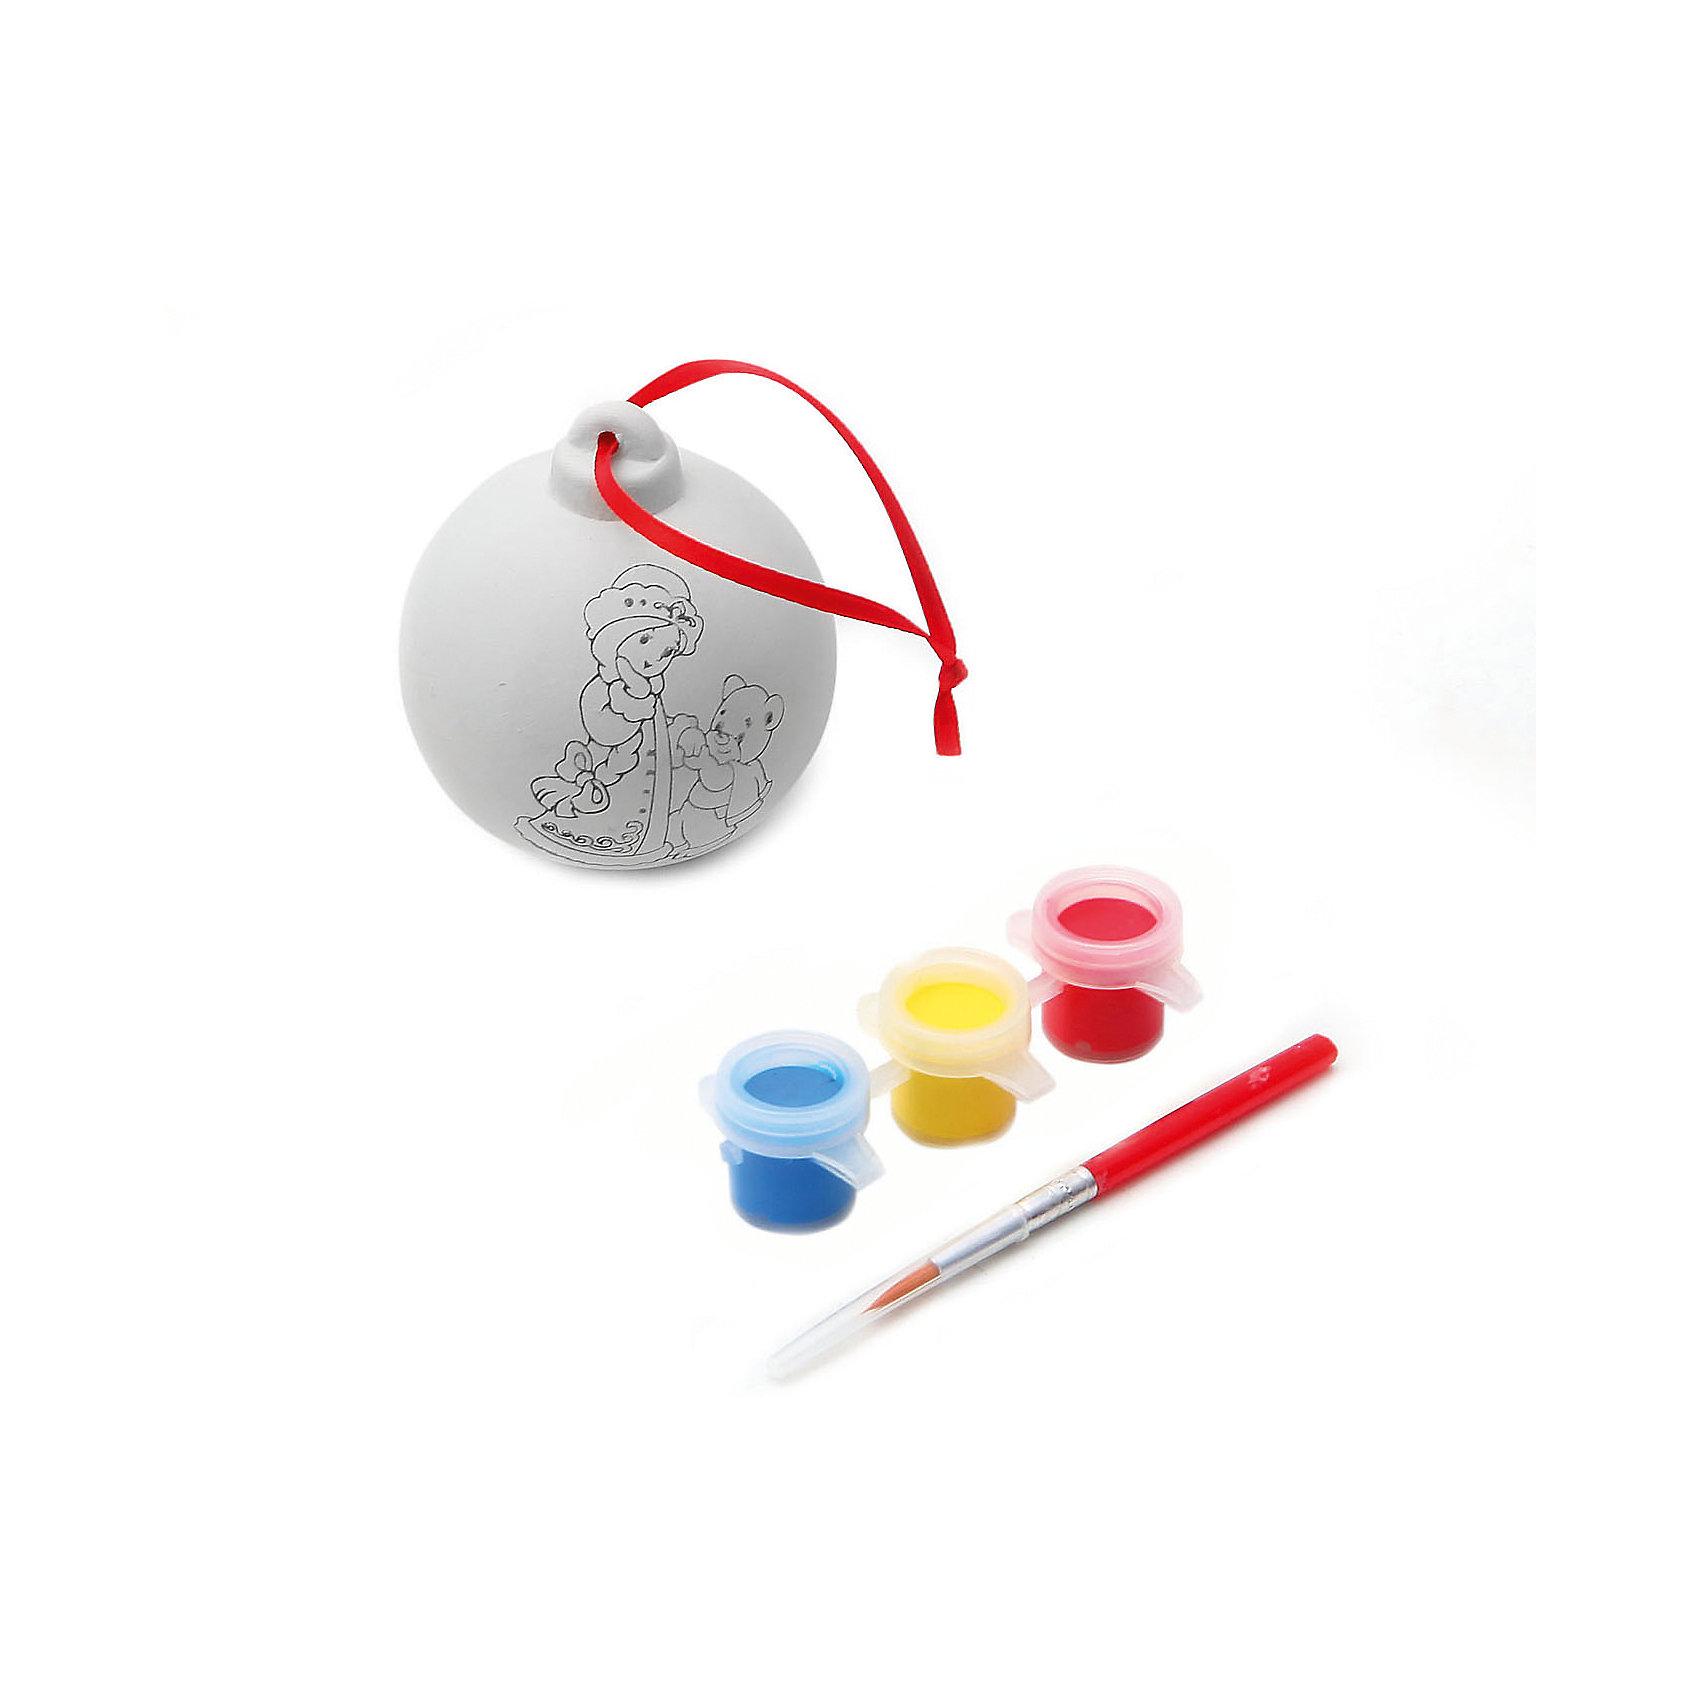 Набор для творчества Шар, BondibonНовогоднее творчество<br>Набор для творчества Шар с красками и кисточкой, Bondibon (Бондибон).<br><br>Характеристики:<br><br>• Материал: керамика, краски, текстиль.<br>• В набор входит: <br>- шар для раскрашивания, <br>- краски 6 цветов,<br>- кисточка, <br>- инструкция.<br><br>Создайте новогоднее настроение вместе со своими детьми! Набор «Шар» поможет вам провести творчески досуг и создаст праздничное настроение. В наборе керамическая фигурка елочного шара, которую нужно раскрасить так, как вам подскажет фантазия. Раскрашивать изделия из керамики - очень интересно и увлекательно. Такой шар, раскрашенный вручную, станет отличным подарком! Работа с таким набором помогает развить творческие способности, усидчивость, внимательность, самостоятельность, координацию движений.<br><br>Набор для творчества Шар с красками и кисточкой, Bondibon (Бондибон), можно купить в нашем интернет – магазине.<br><br>Ширина мм: 110<br>Глубина мм: 65<br>Высота мм: 170<br>Вес г: 115<br>Возраст от месяцев: 60<br>Возраст до месяцев: 1188<br>Пол: Унисекс<br>Возраст: Детский<br>SKU: 5124532